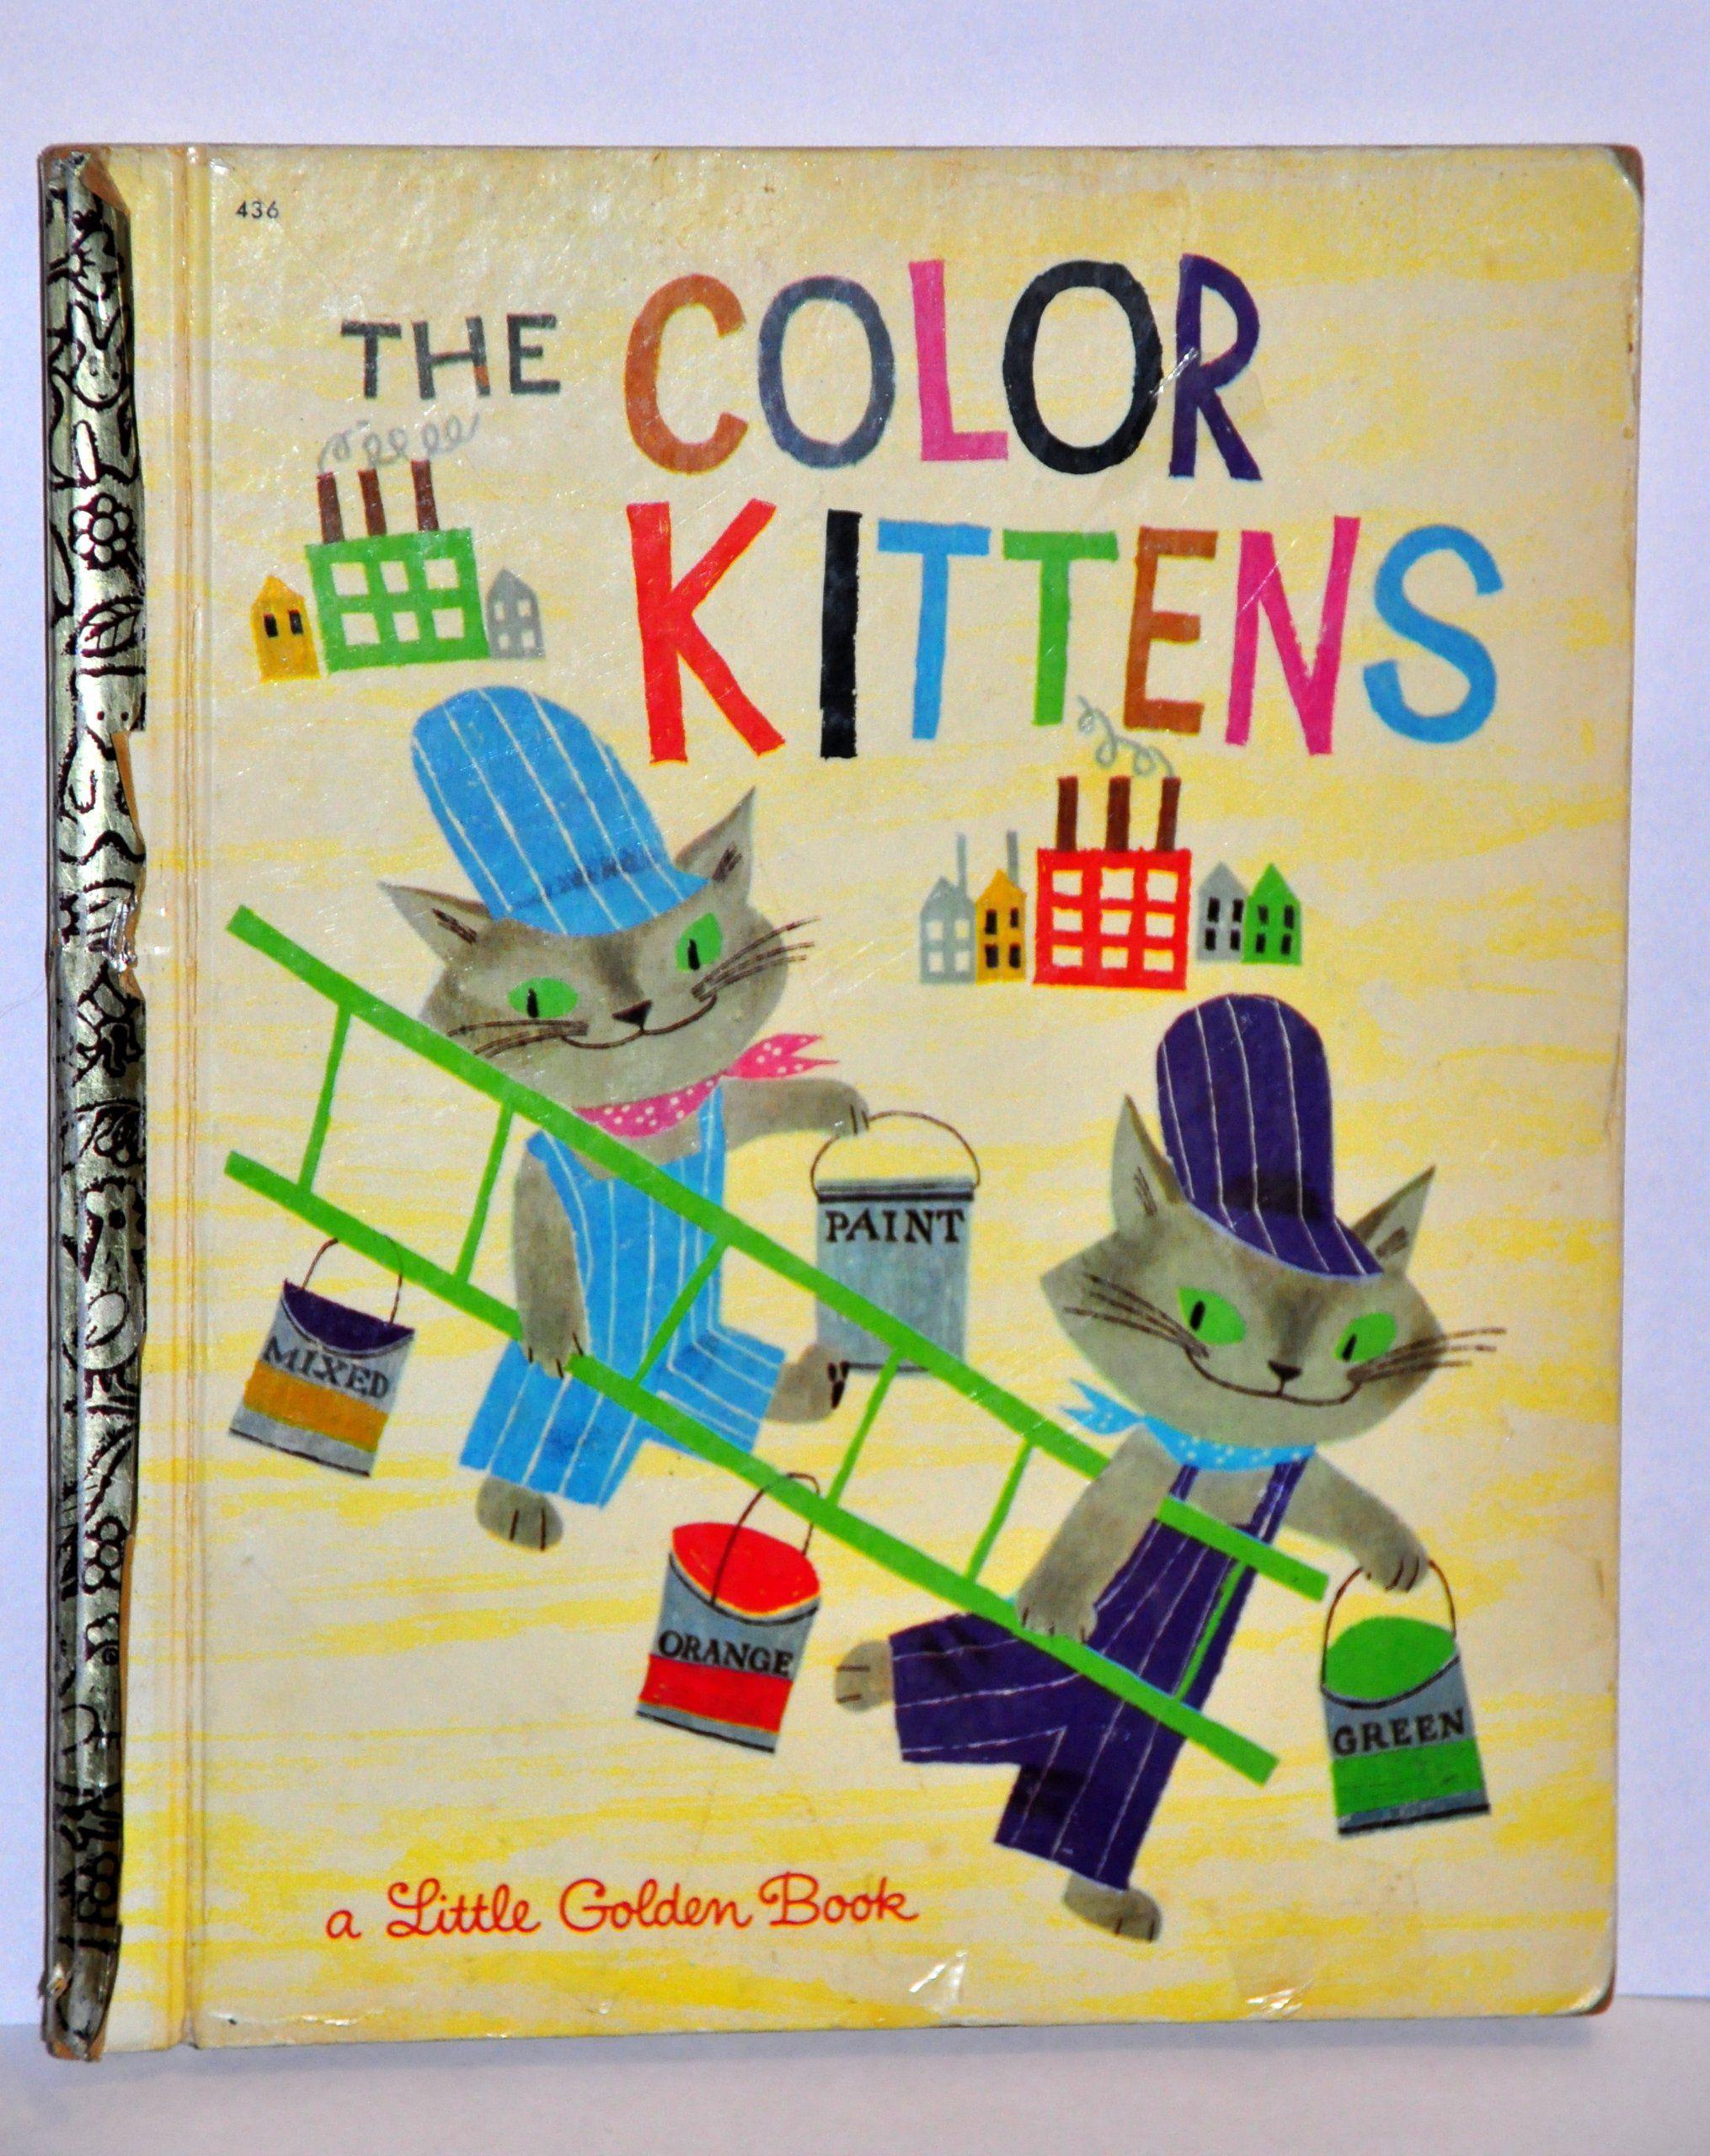 Image Result For The Color Kittens Golden Books Little Golden Books Childhood Books Vintage Books